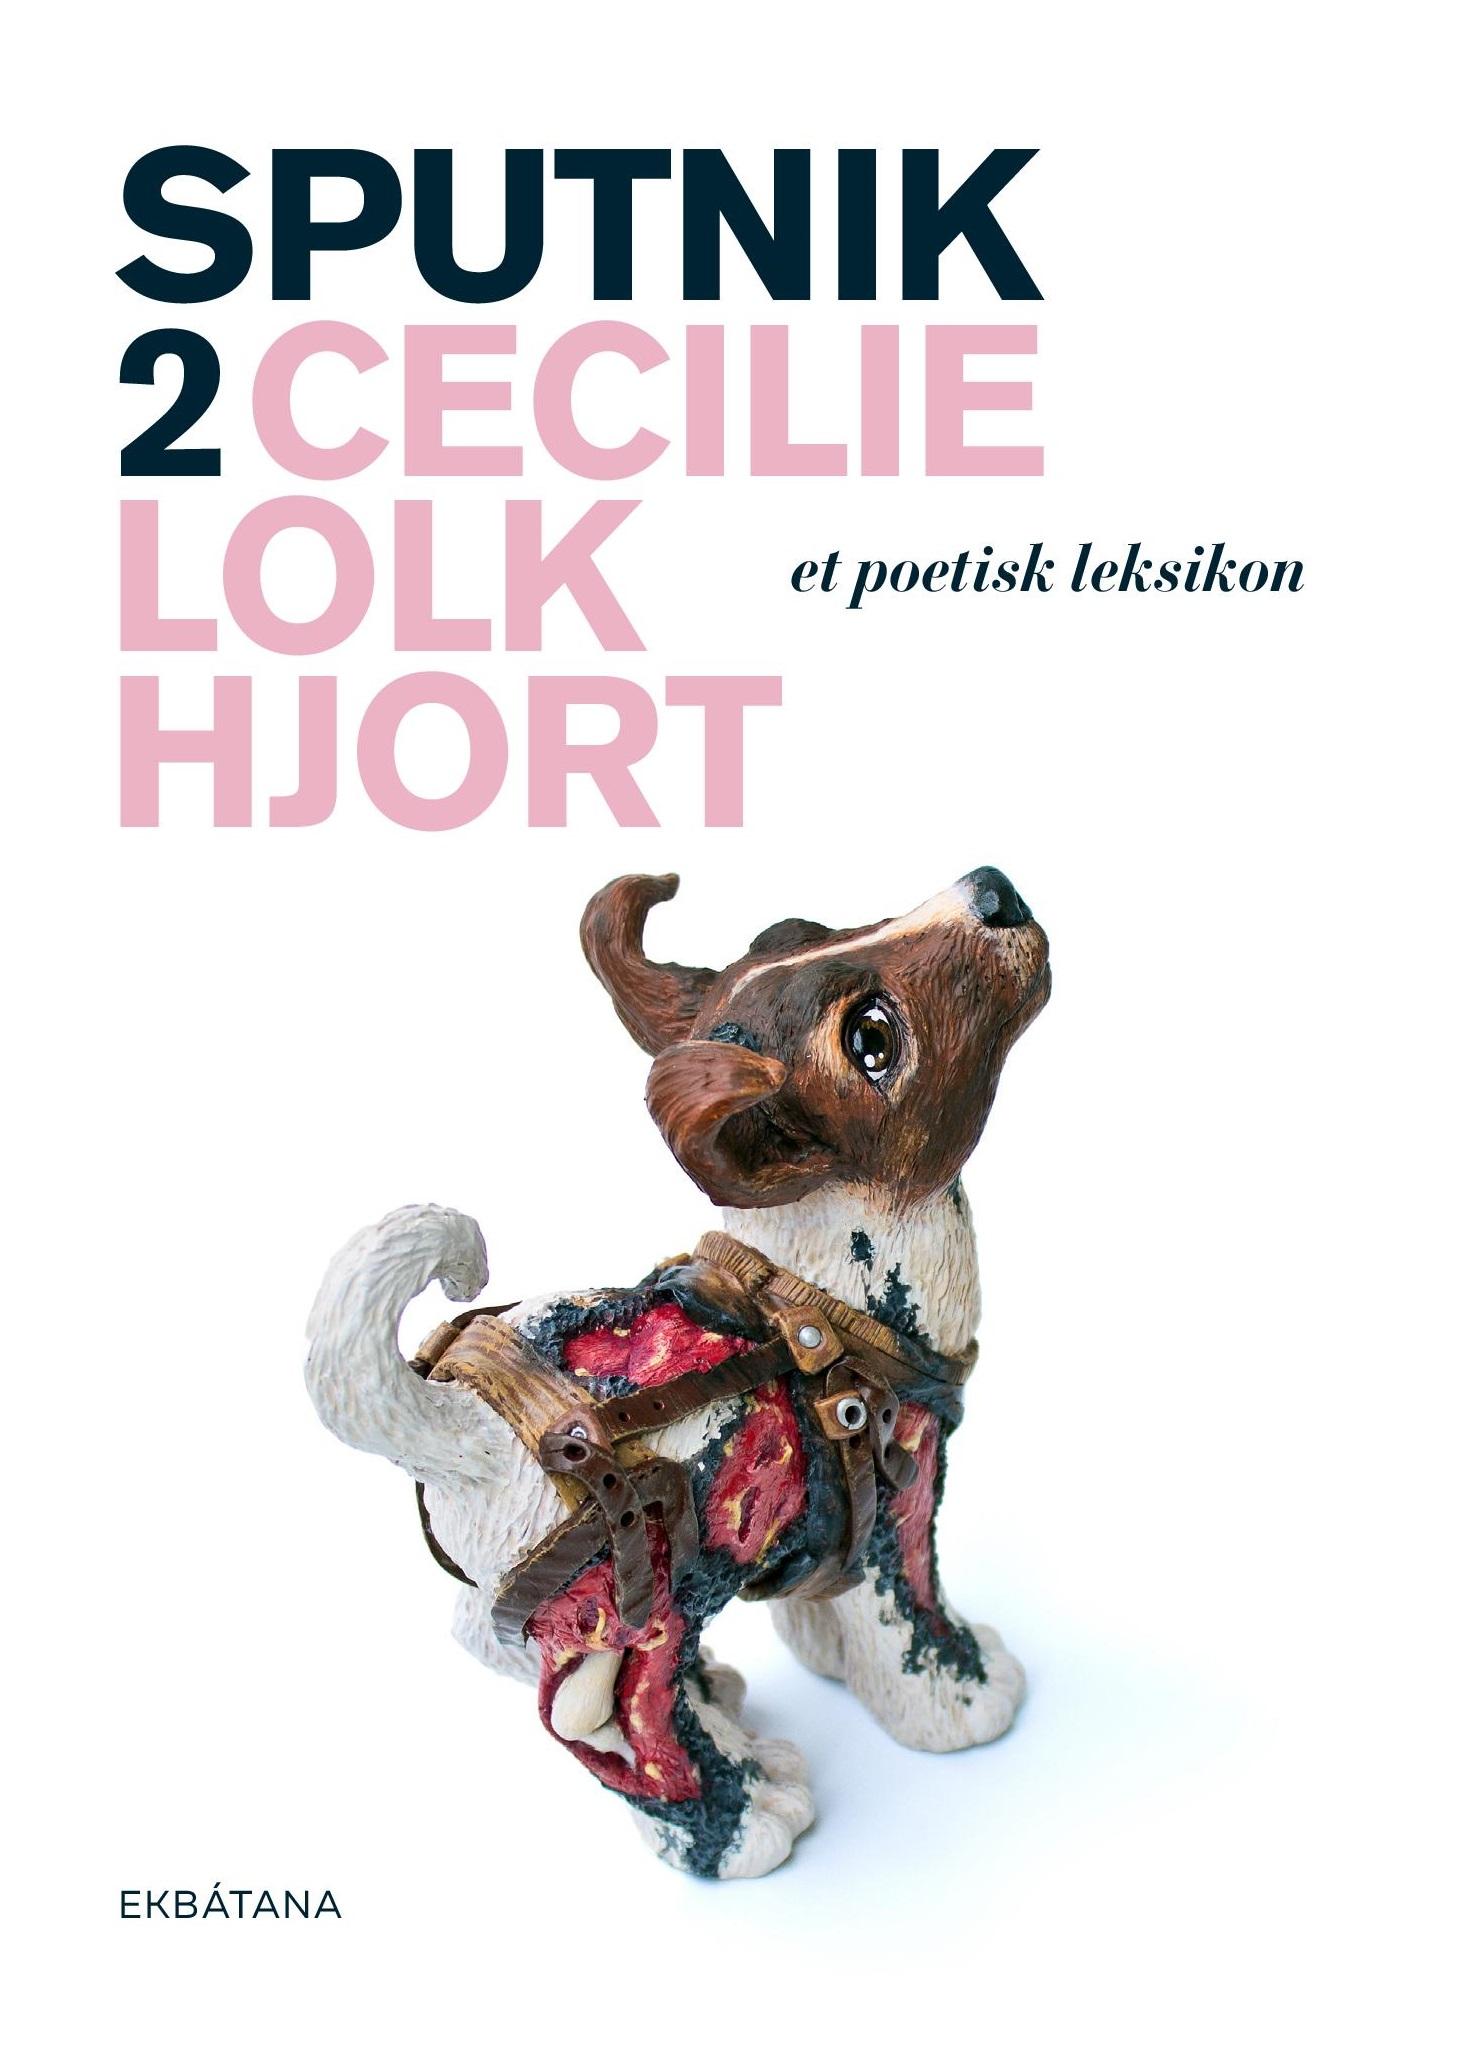 Cecilie Lolk Hjort, Sputnik 2, poetisk leksikon